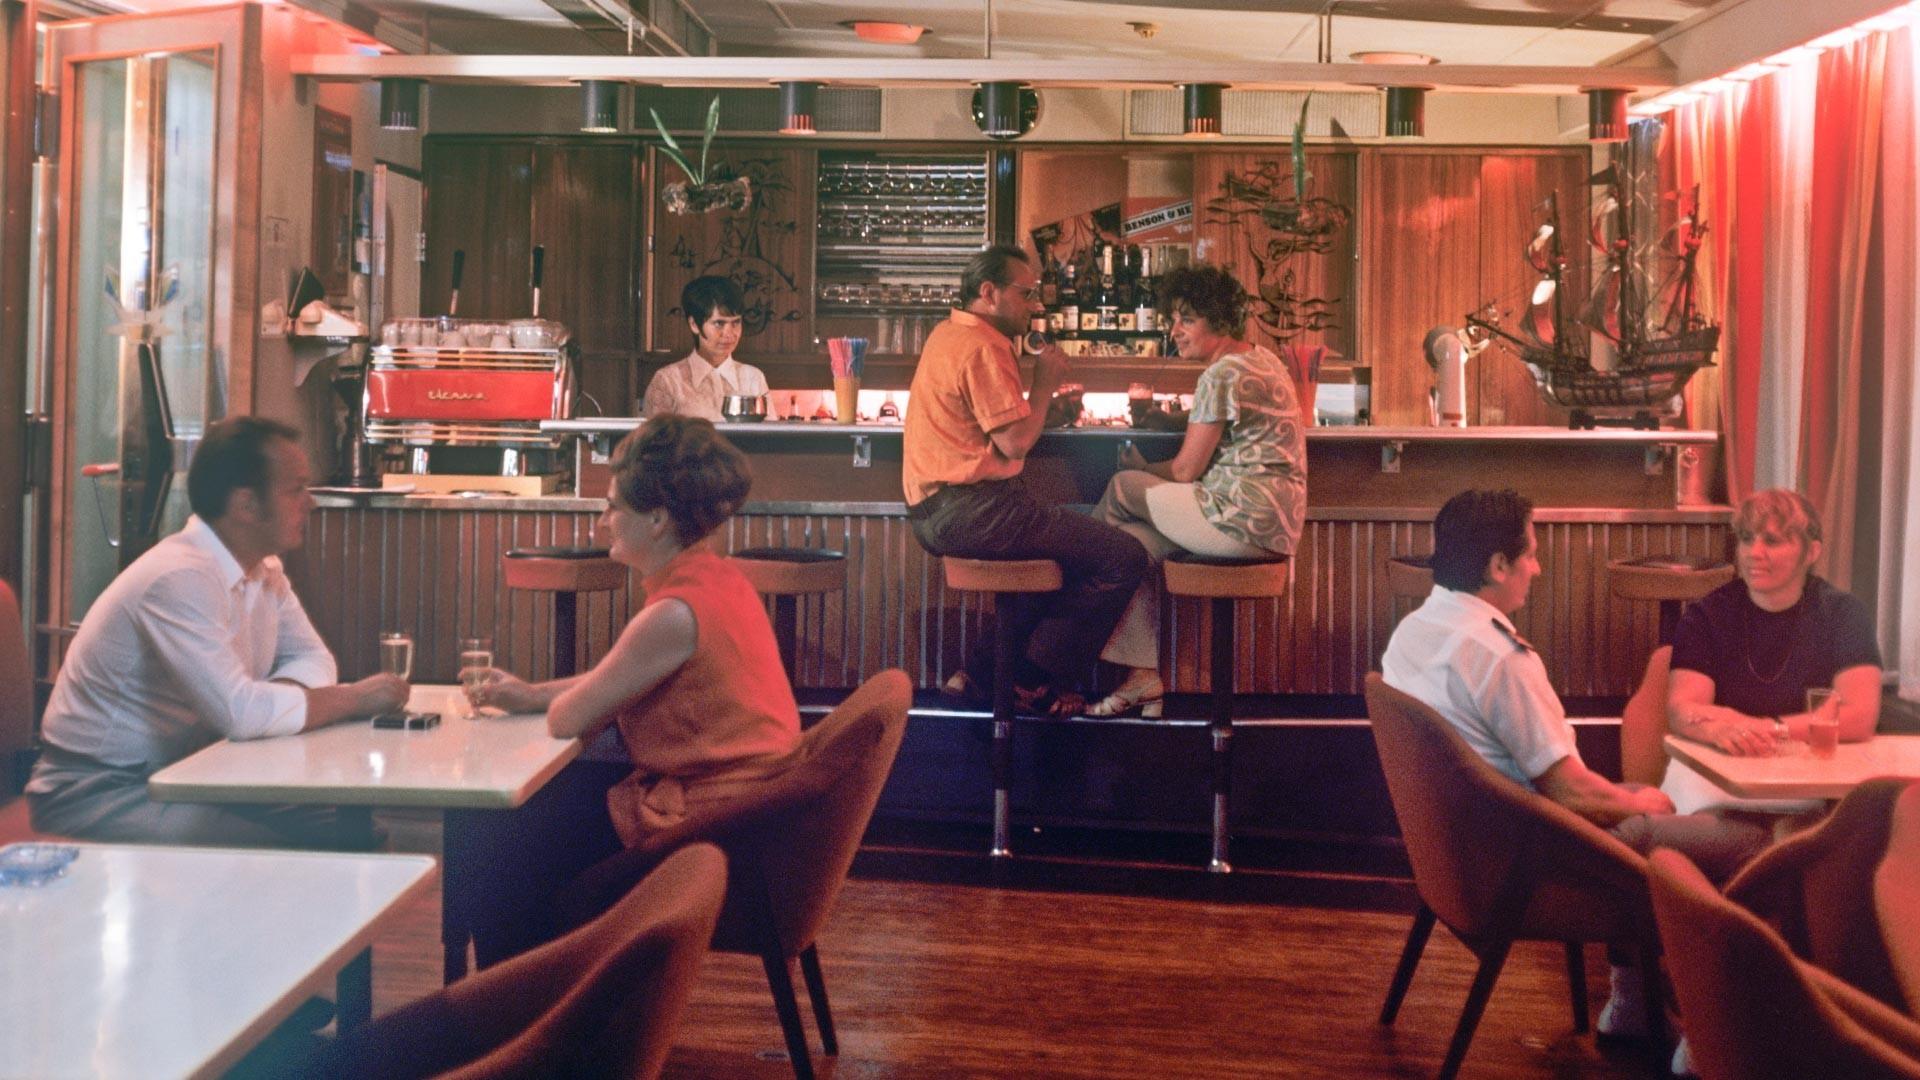 Sovjetski državljani pijejo koktajle v baru